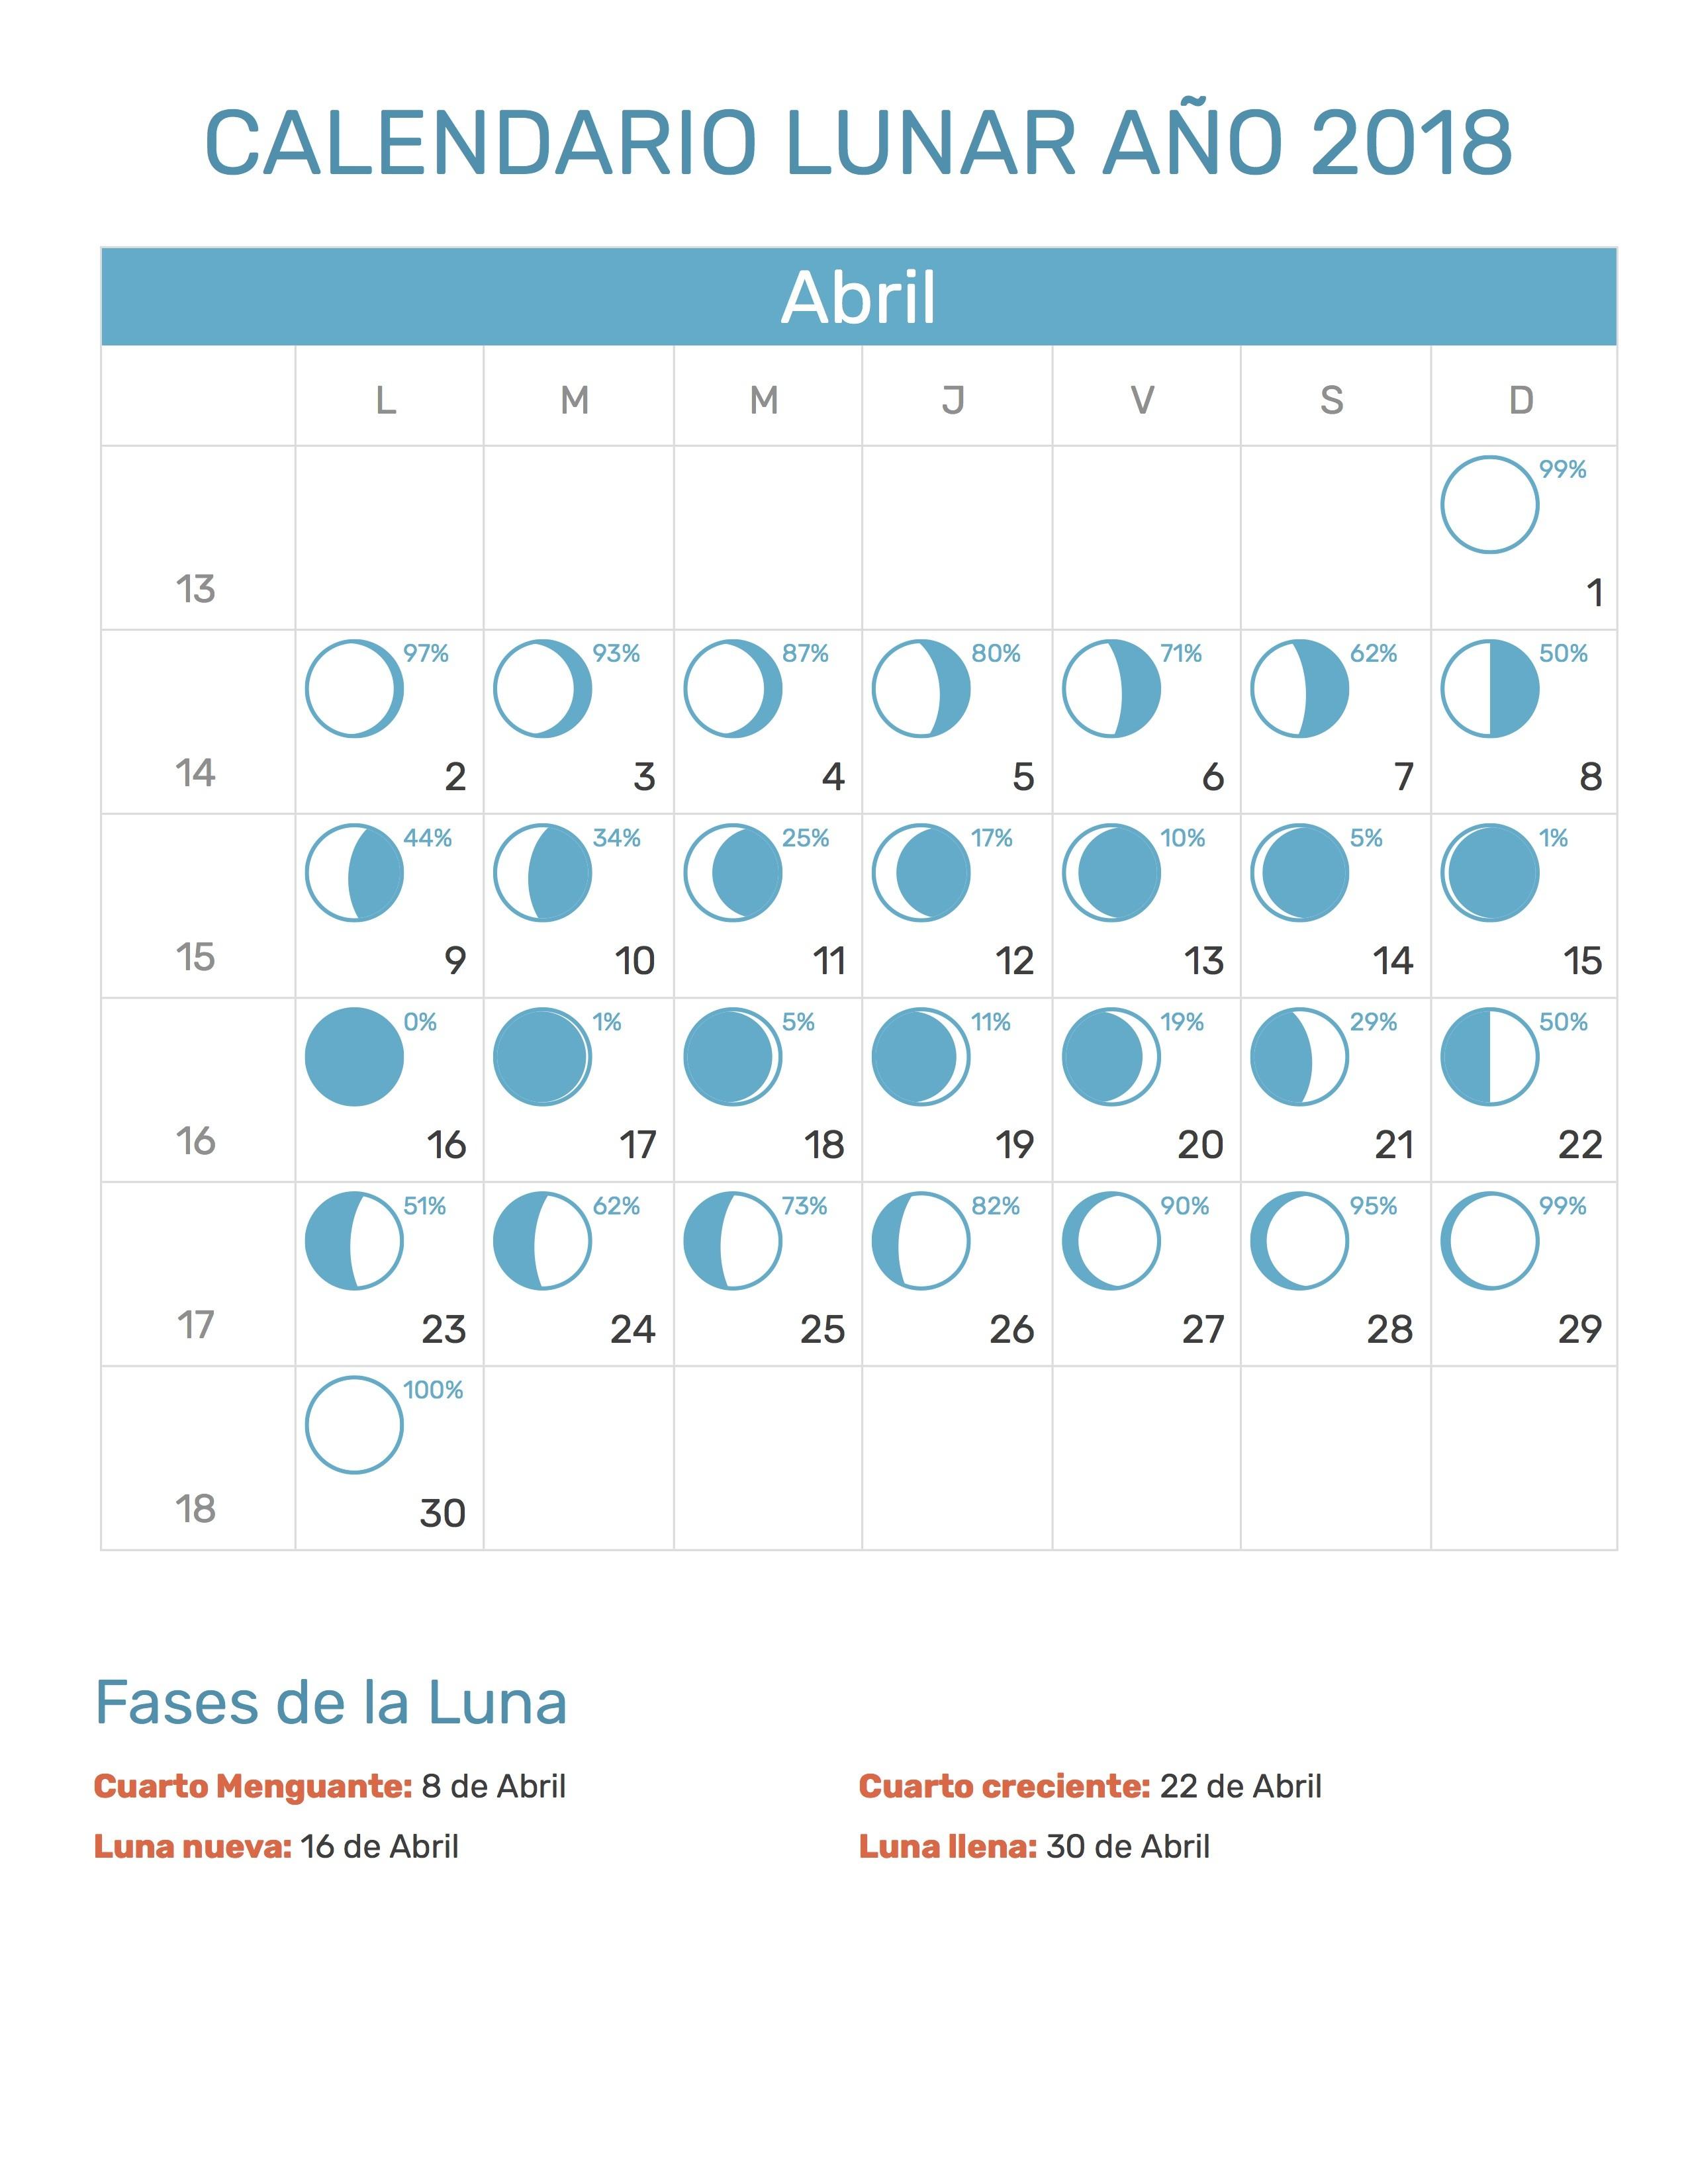 Ciclo Lunar Abril a±o 2018 para imprimir Calendario Lunar Abril 2018